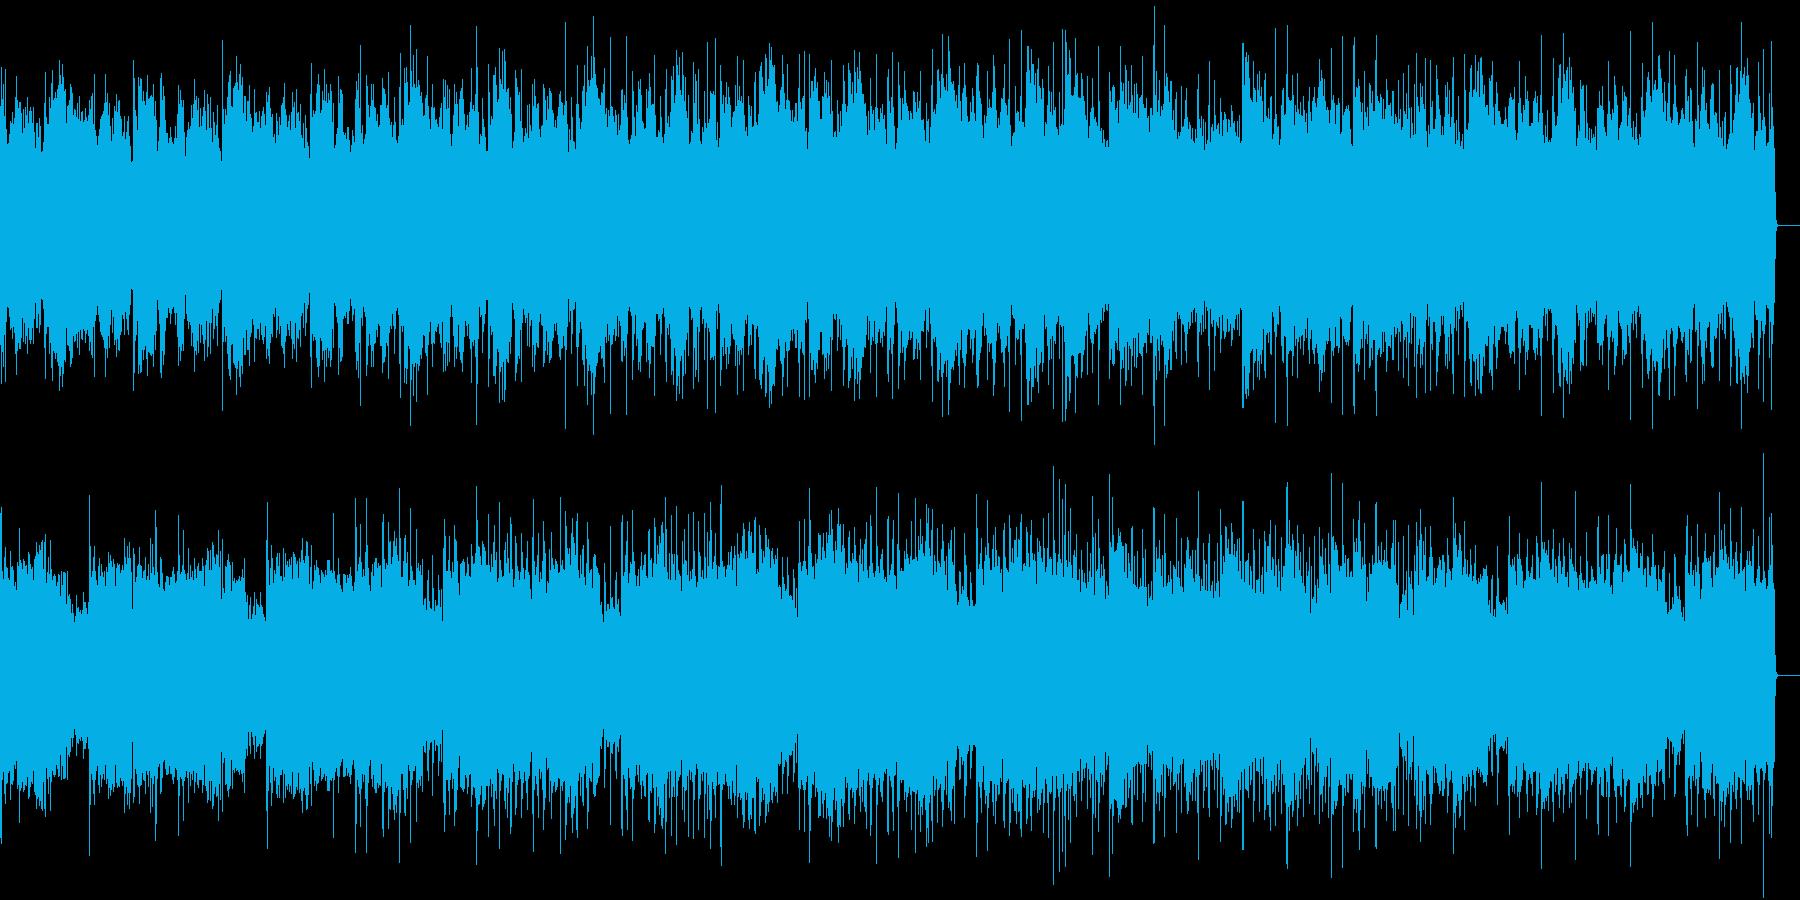 不思議な浮遊感のある楽曲の再生済みの波形